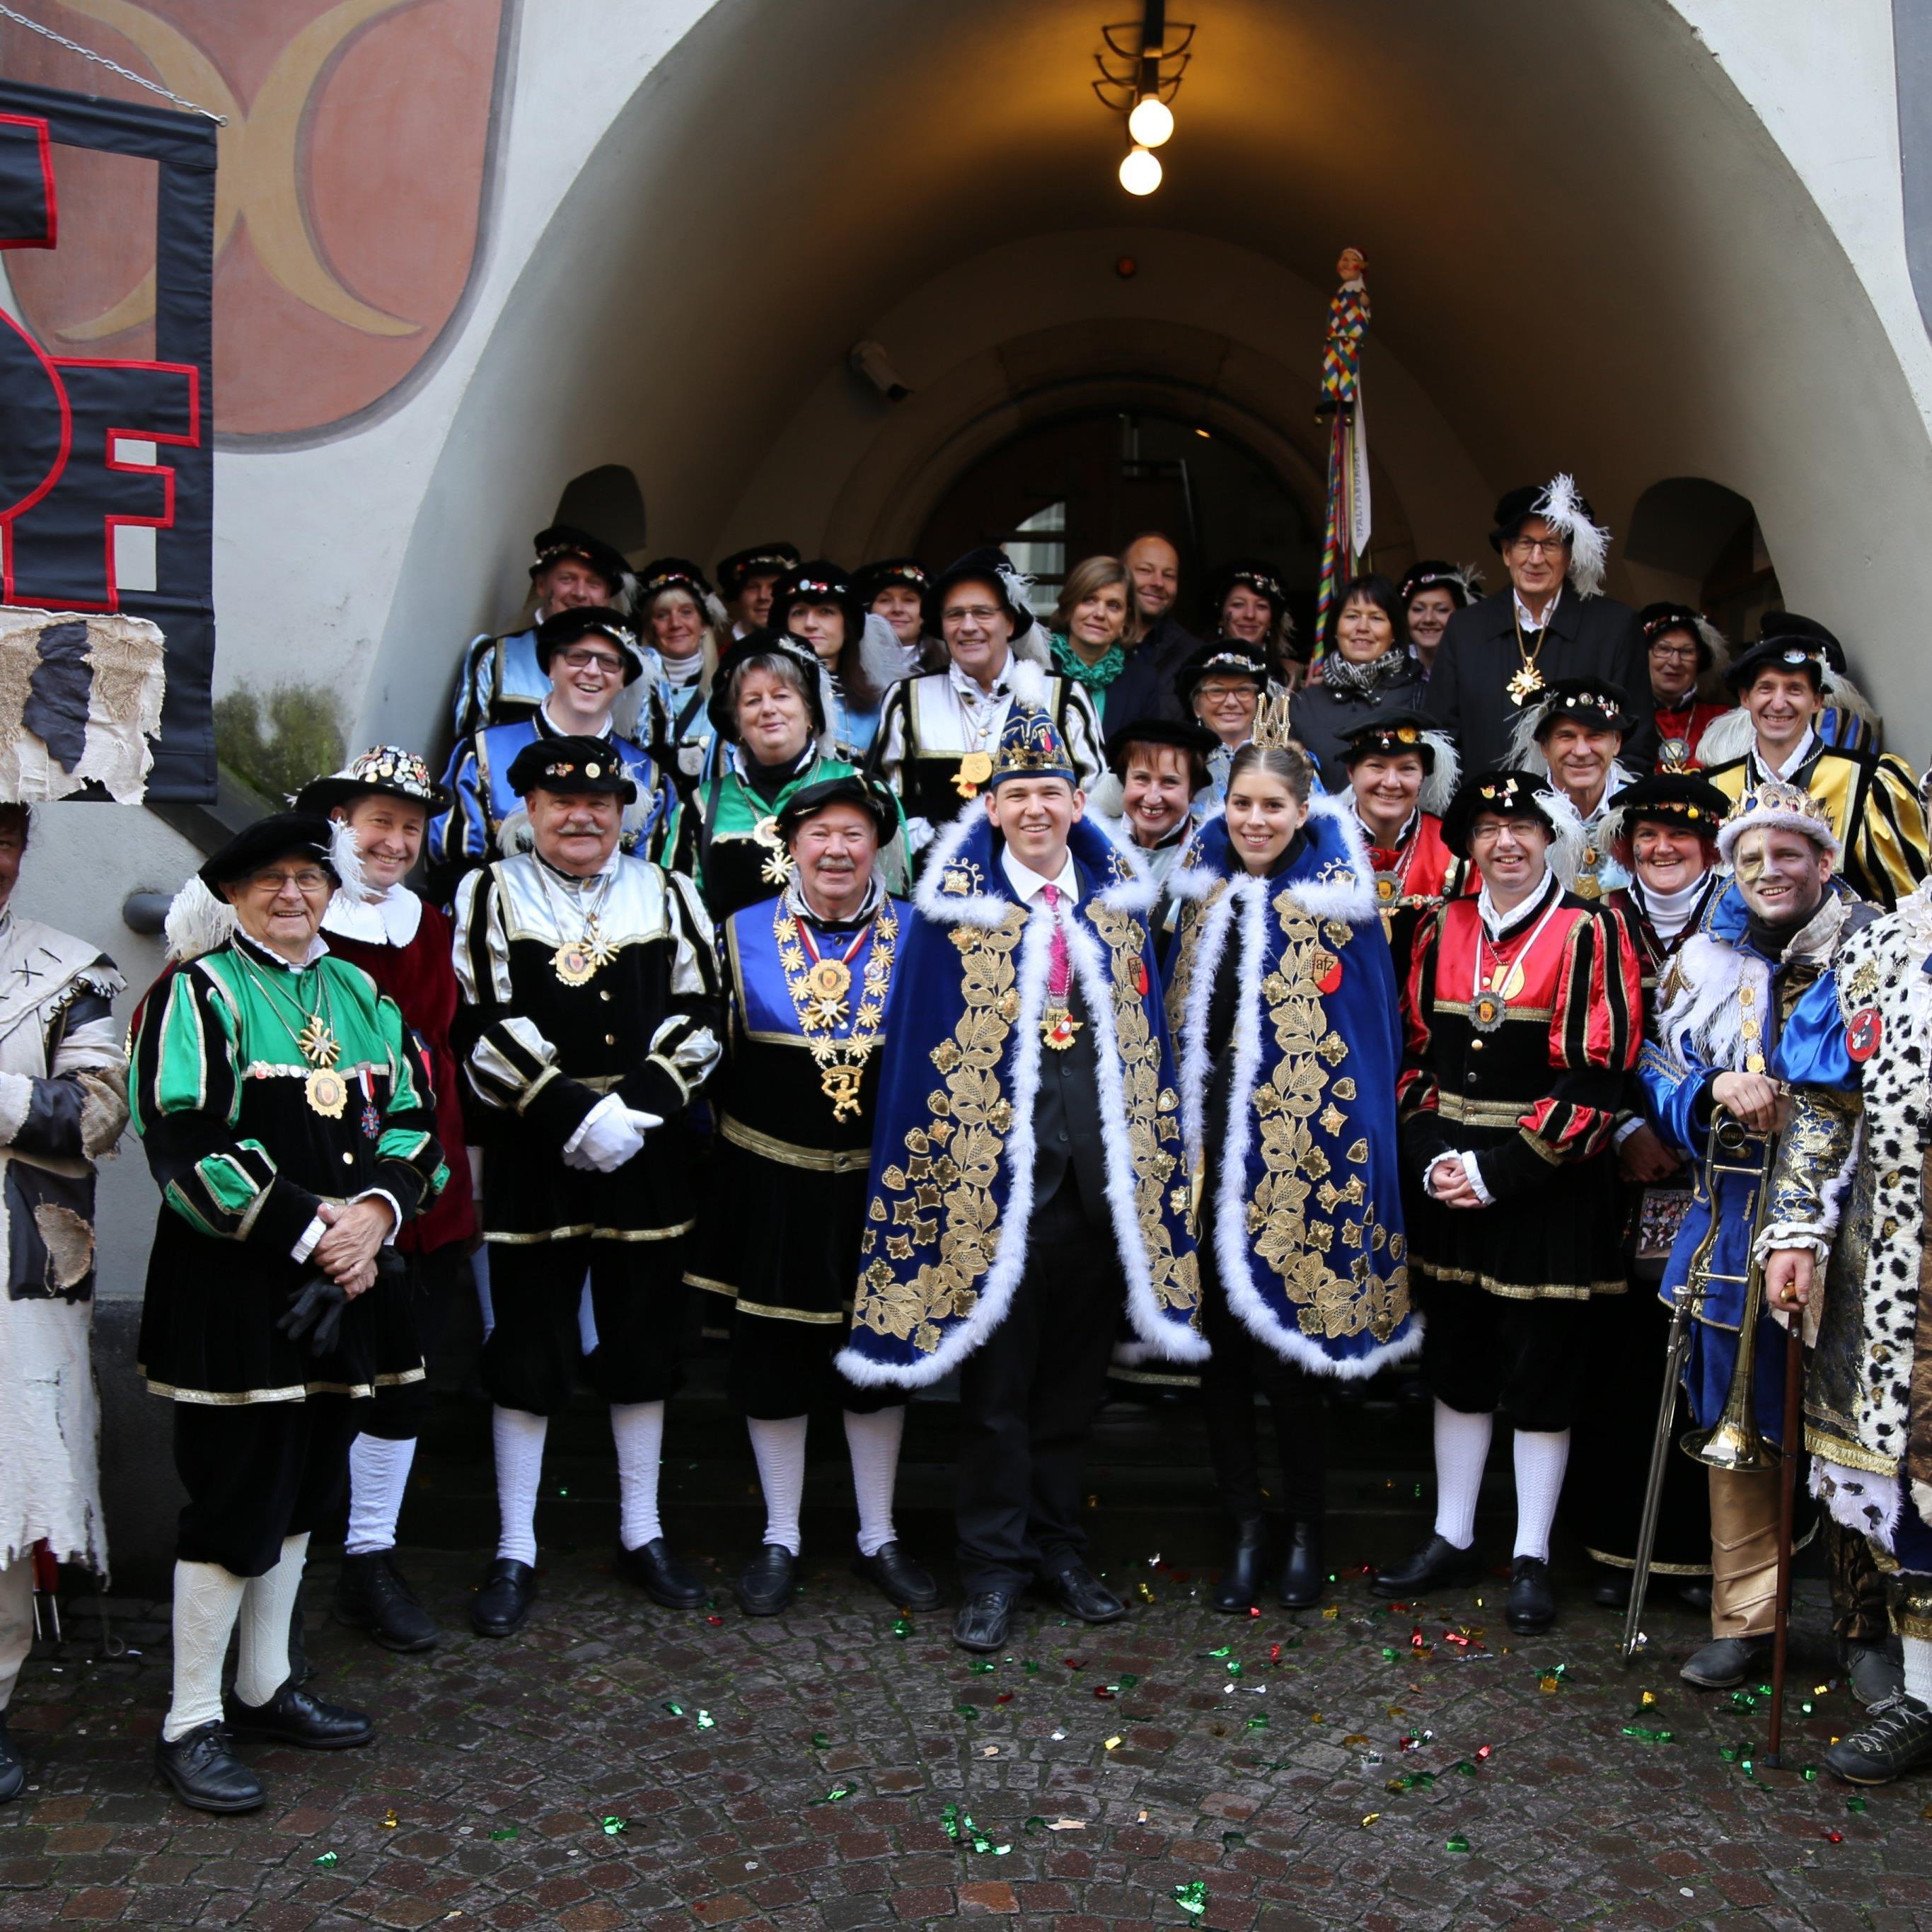 Pünktlich um 11:11 Uhr startete der Fasching in der Montfortstadt.